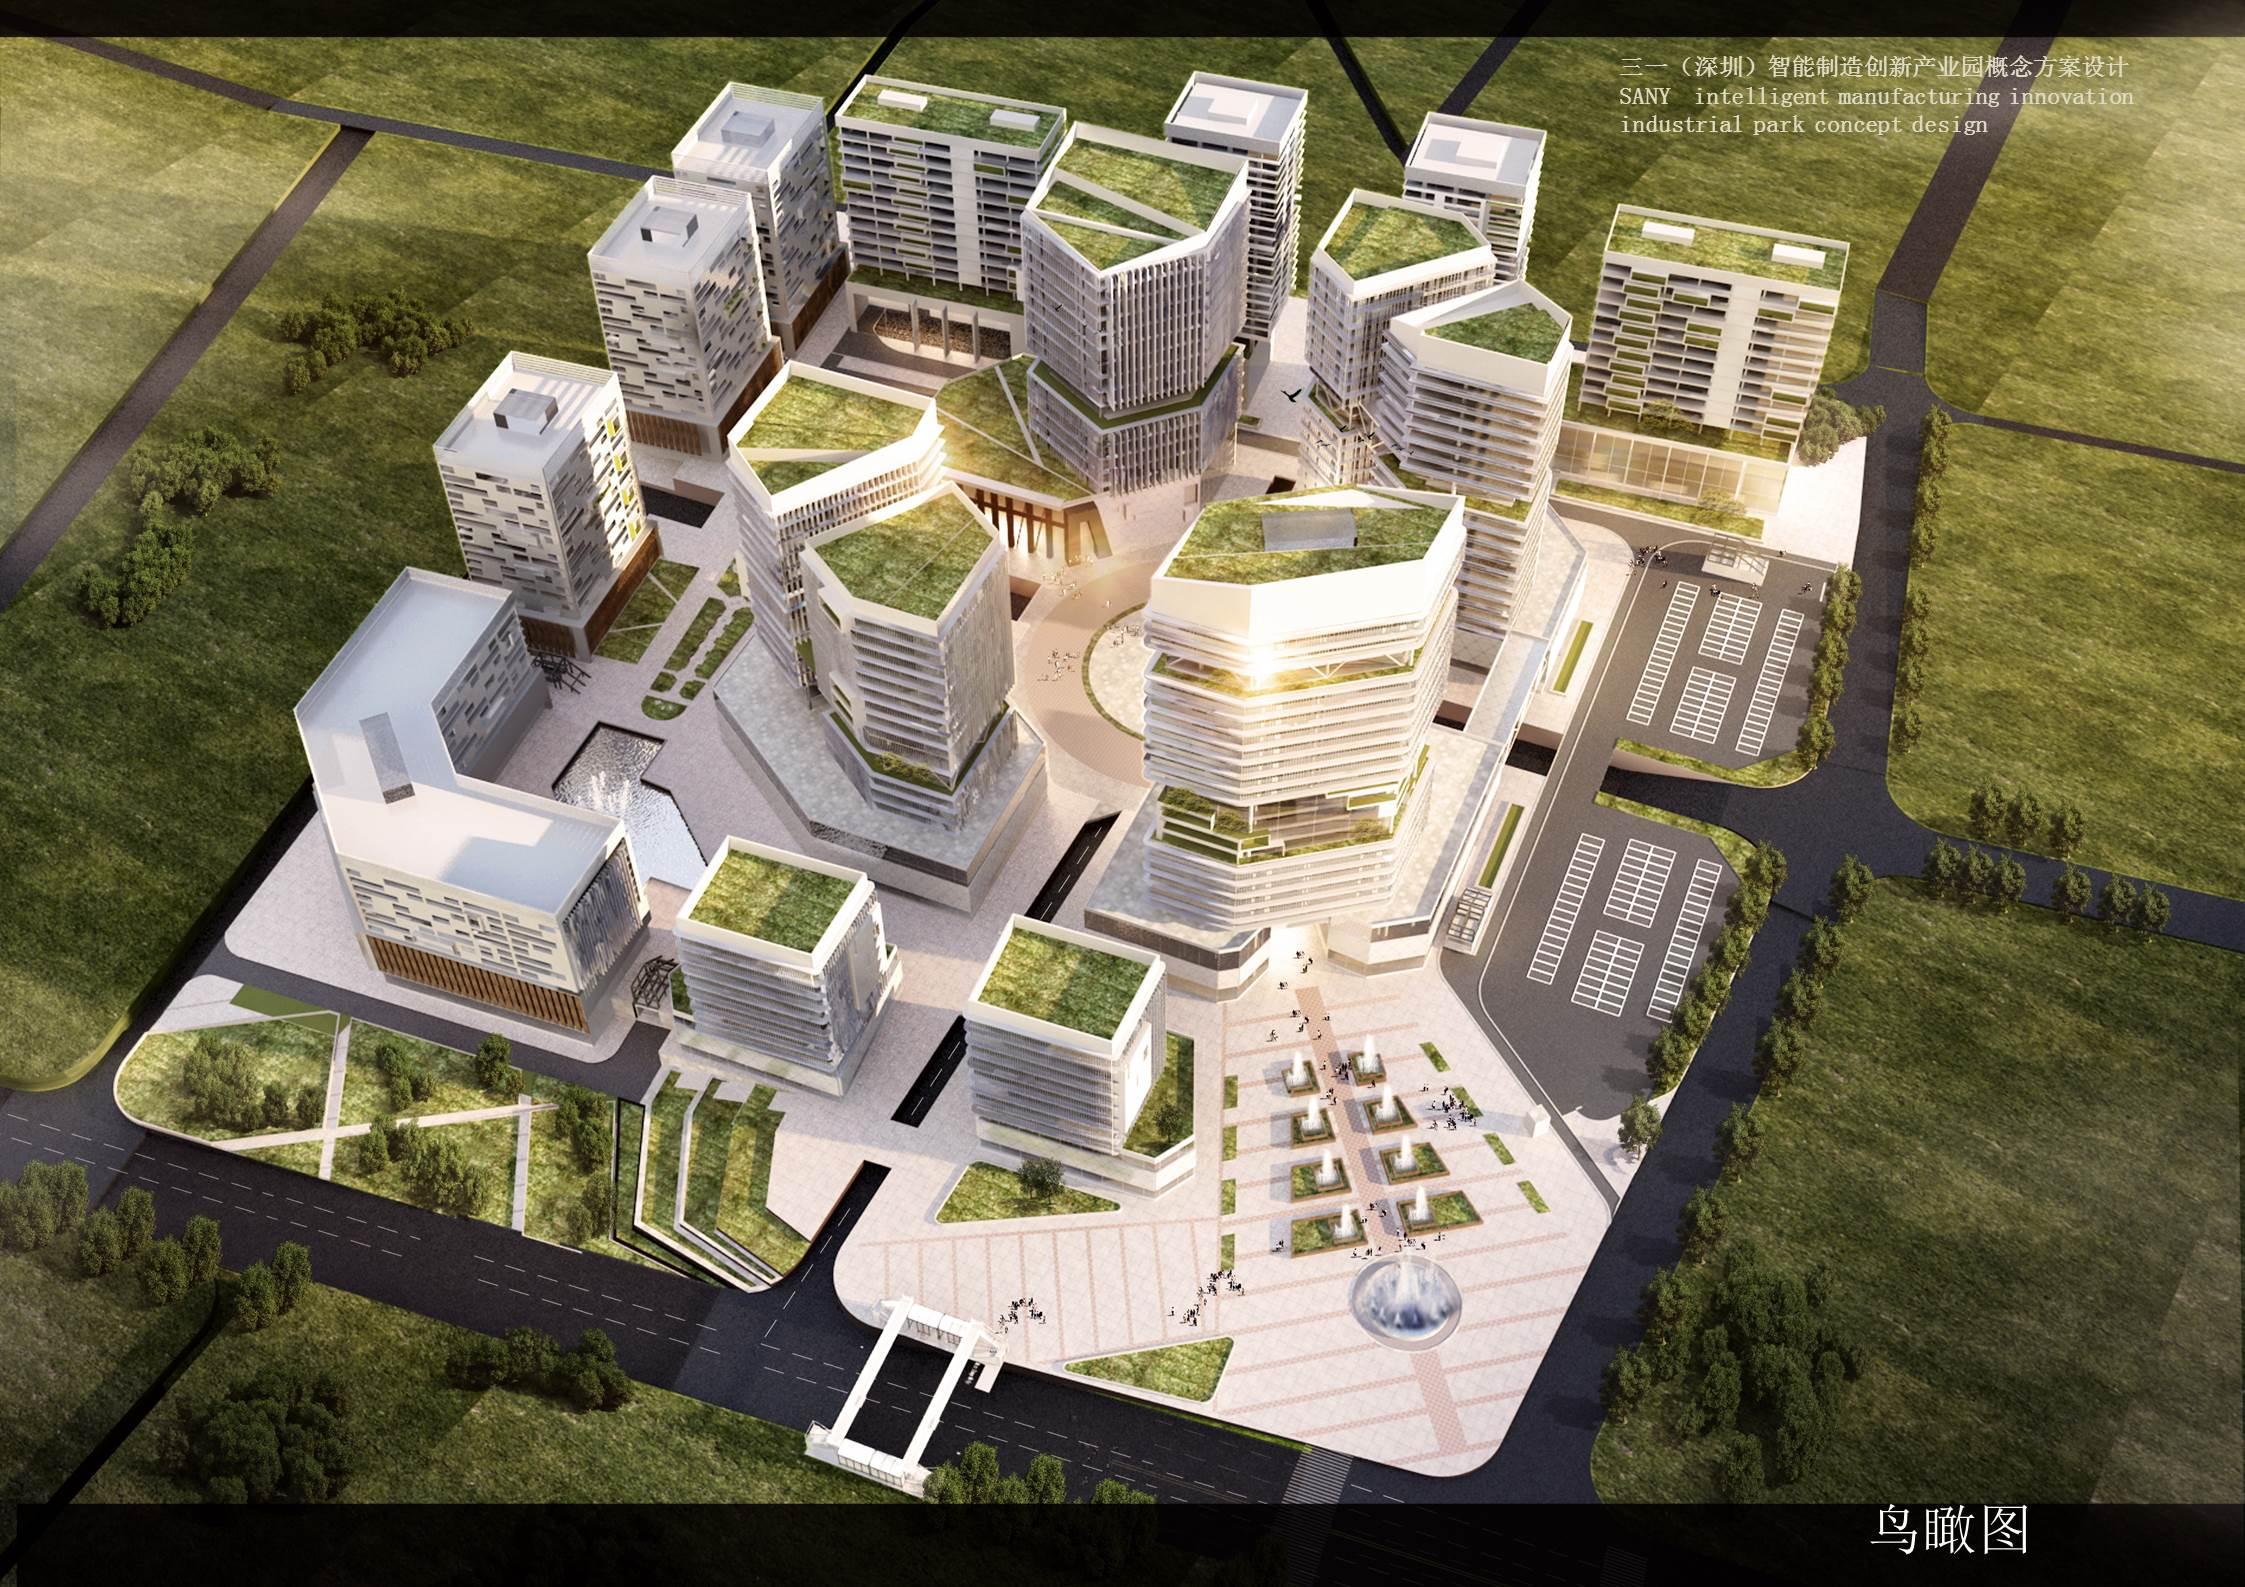 三一(深圳)智能制造创新产业园概念方案设计图片